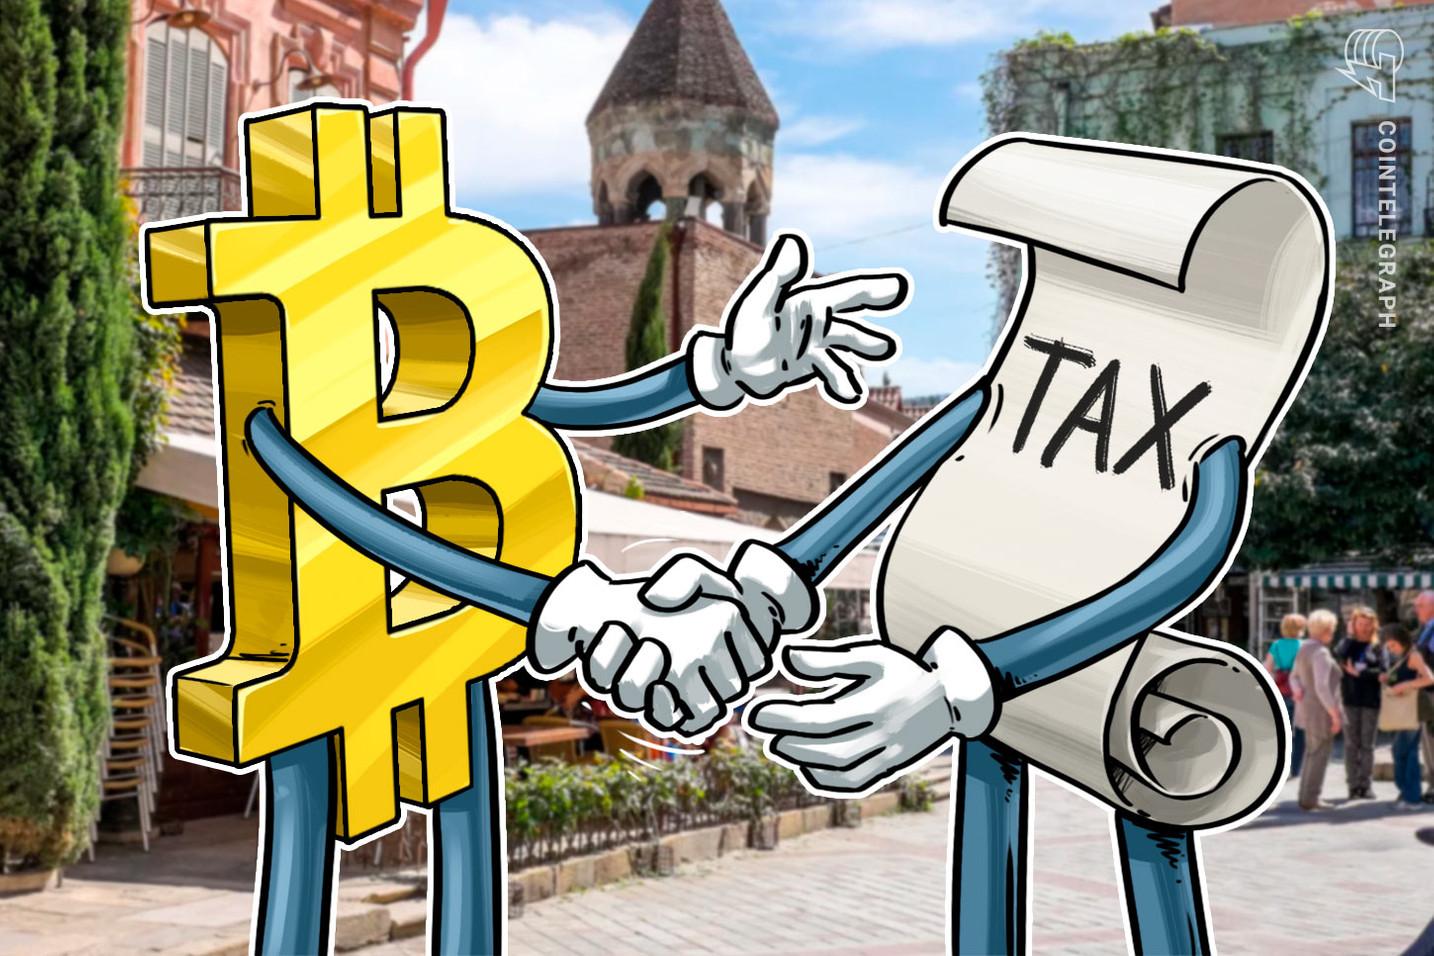 جمهورية جورجيا تعفي العملات المشفرة من ضريبة القيمة المضافة